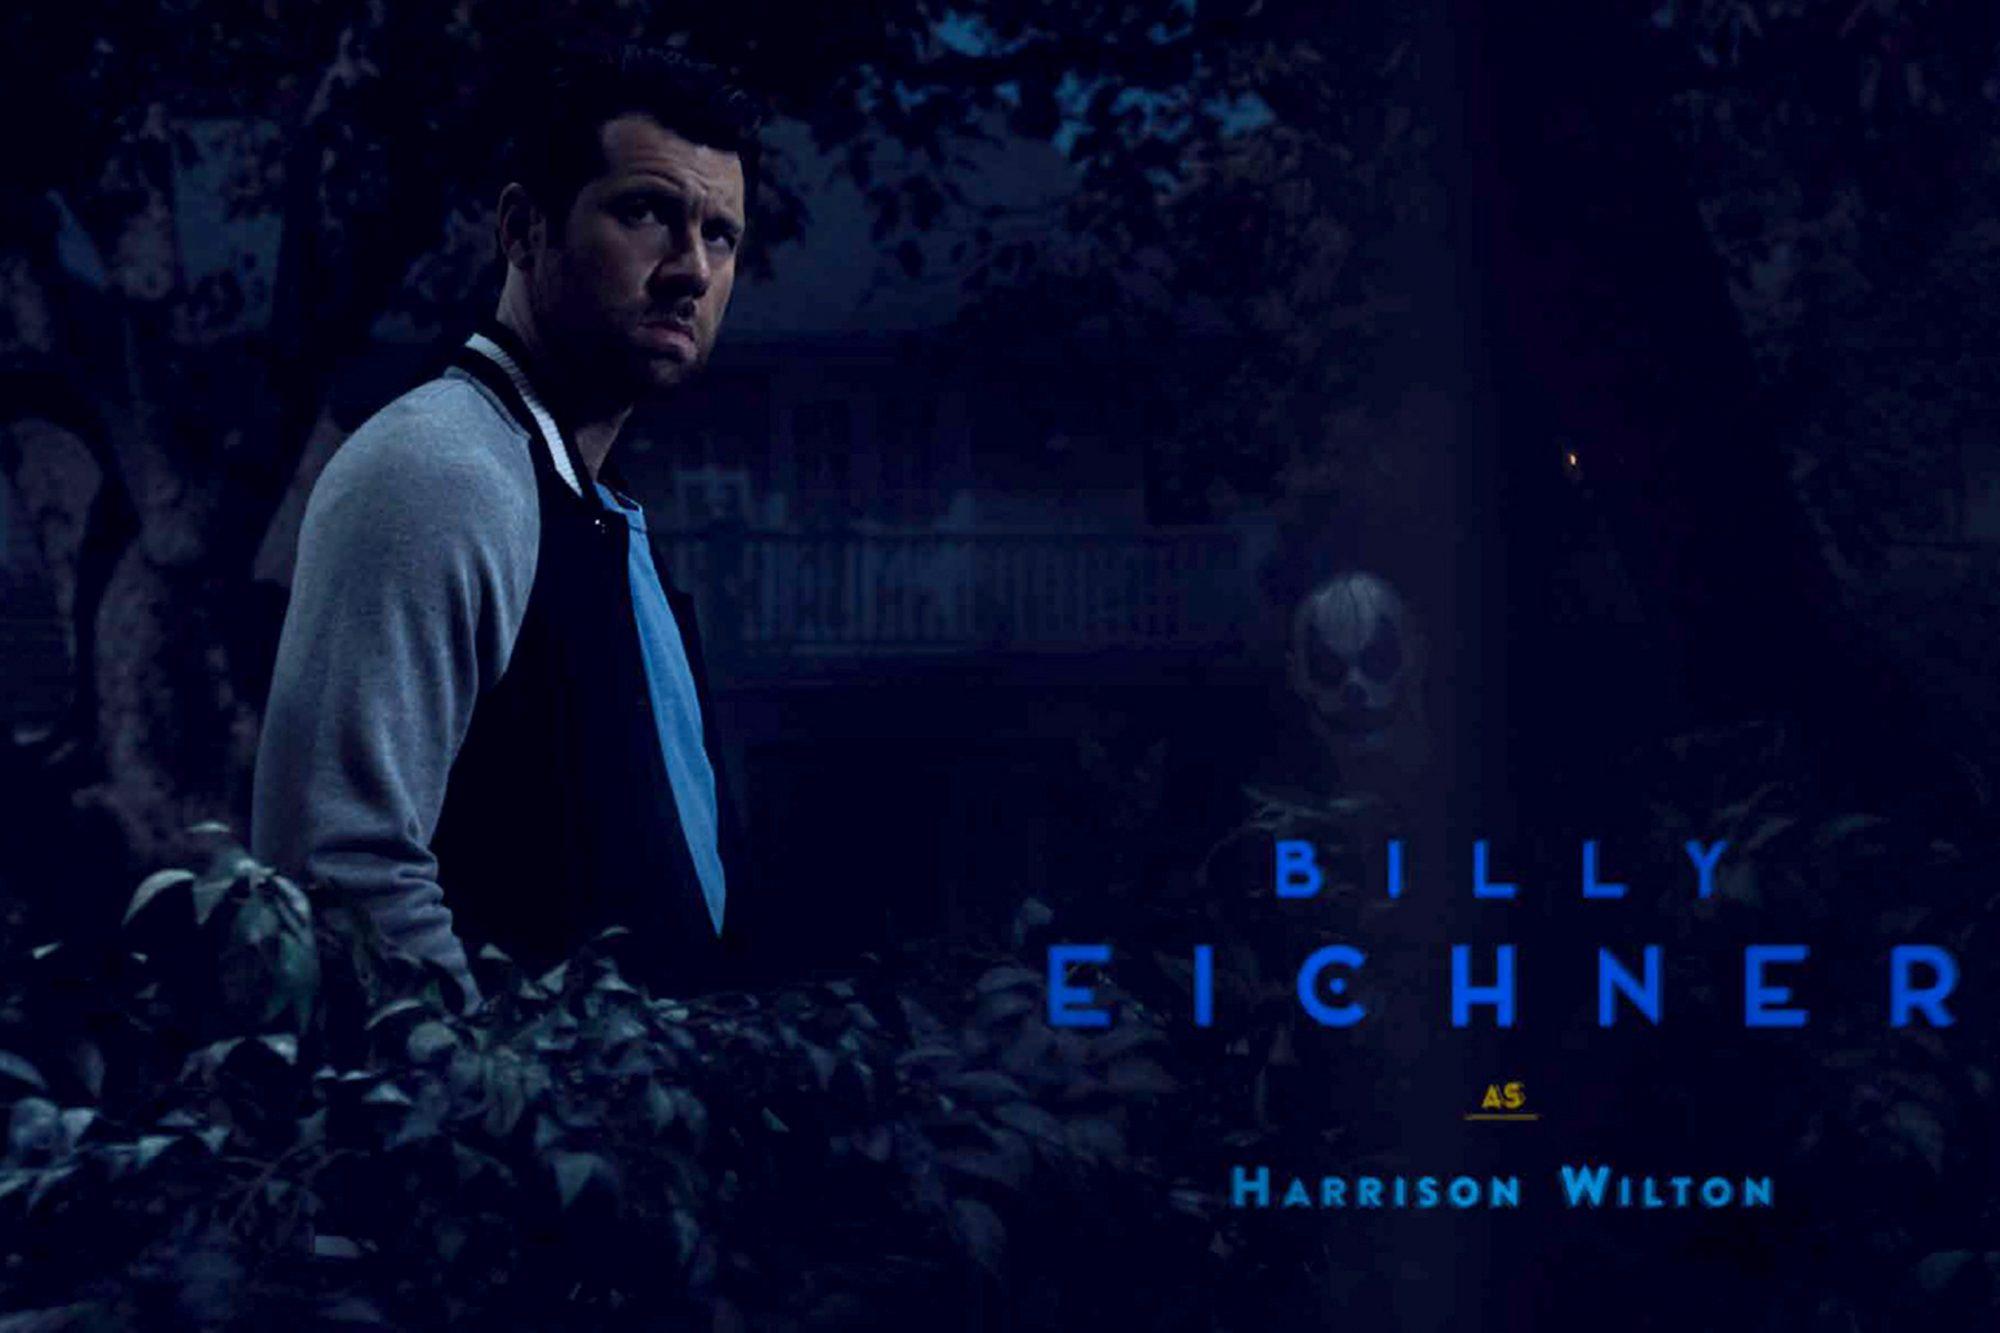 American Horror Story Cult - Billy Eichner